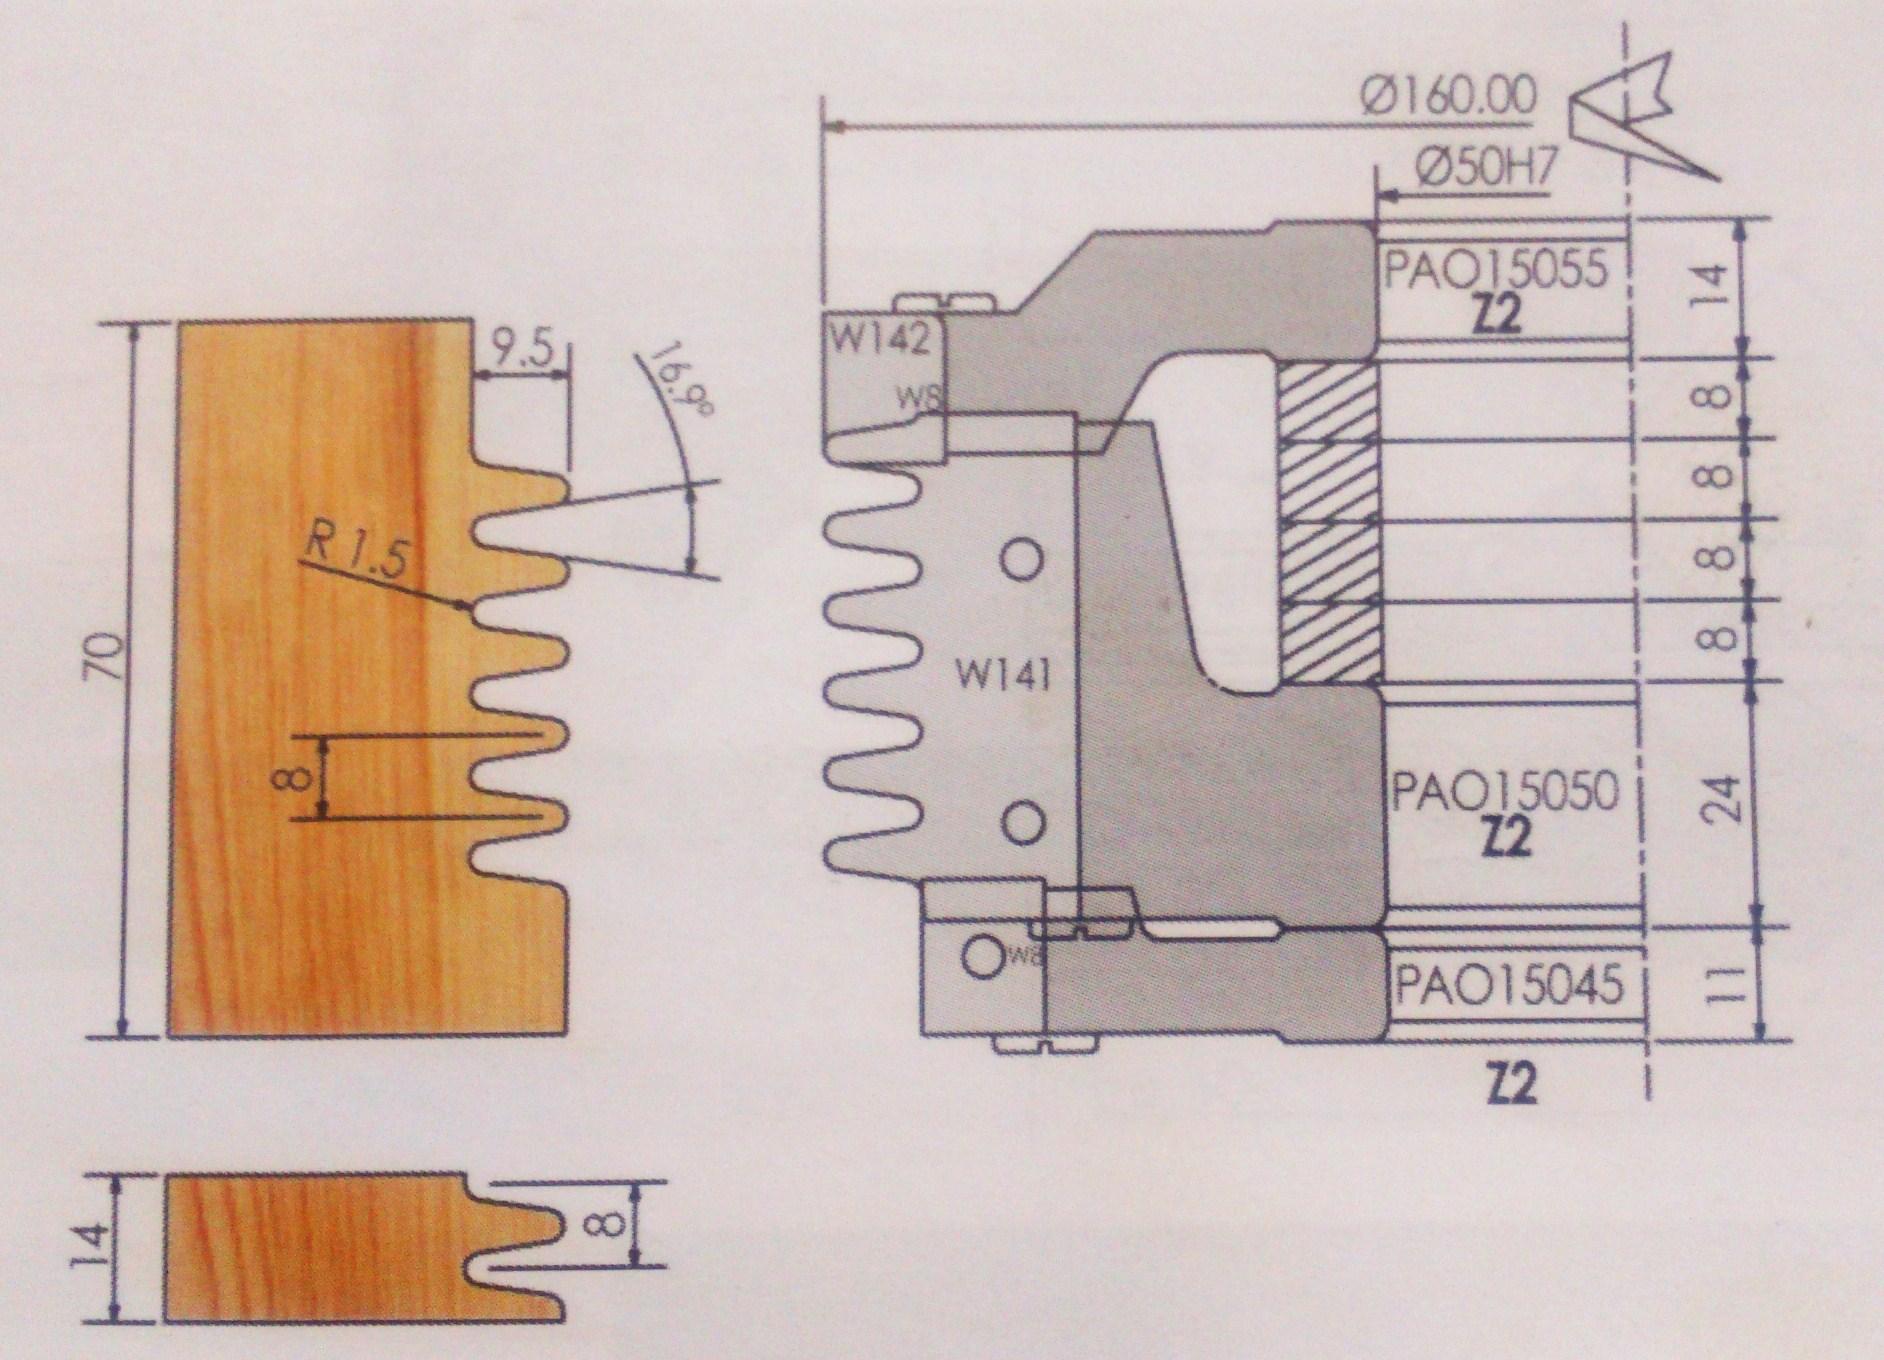 bouvetage du bois assemblage du bois les outils pour toupie. Black Bedroom Furniture Sets. Home Design Ideas